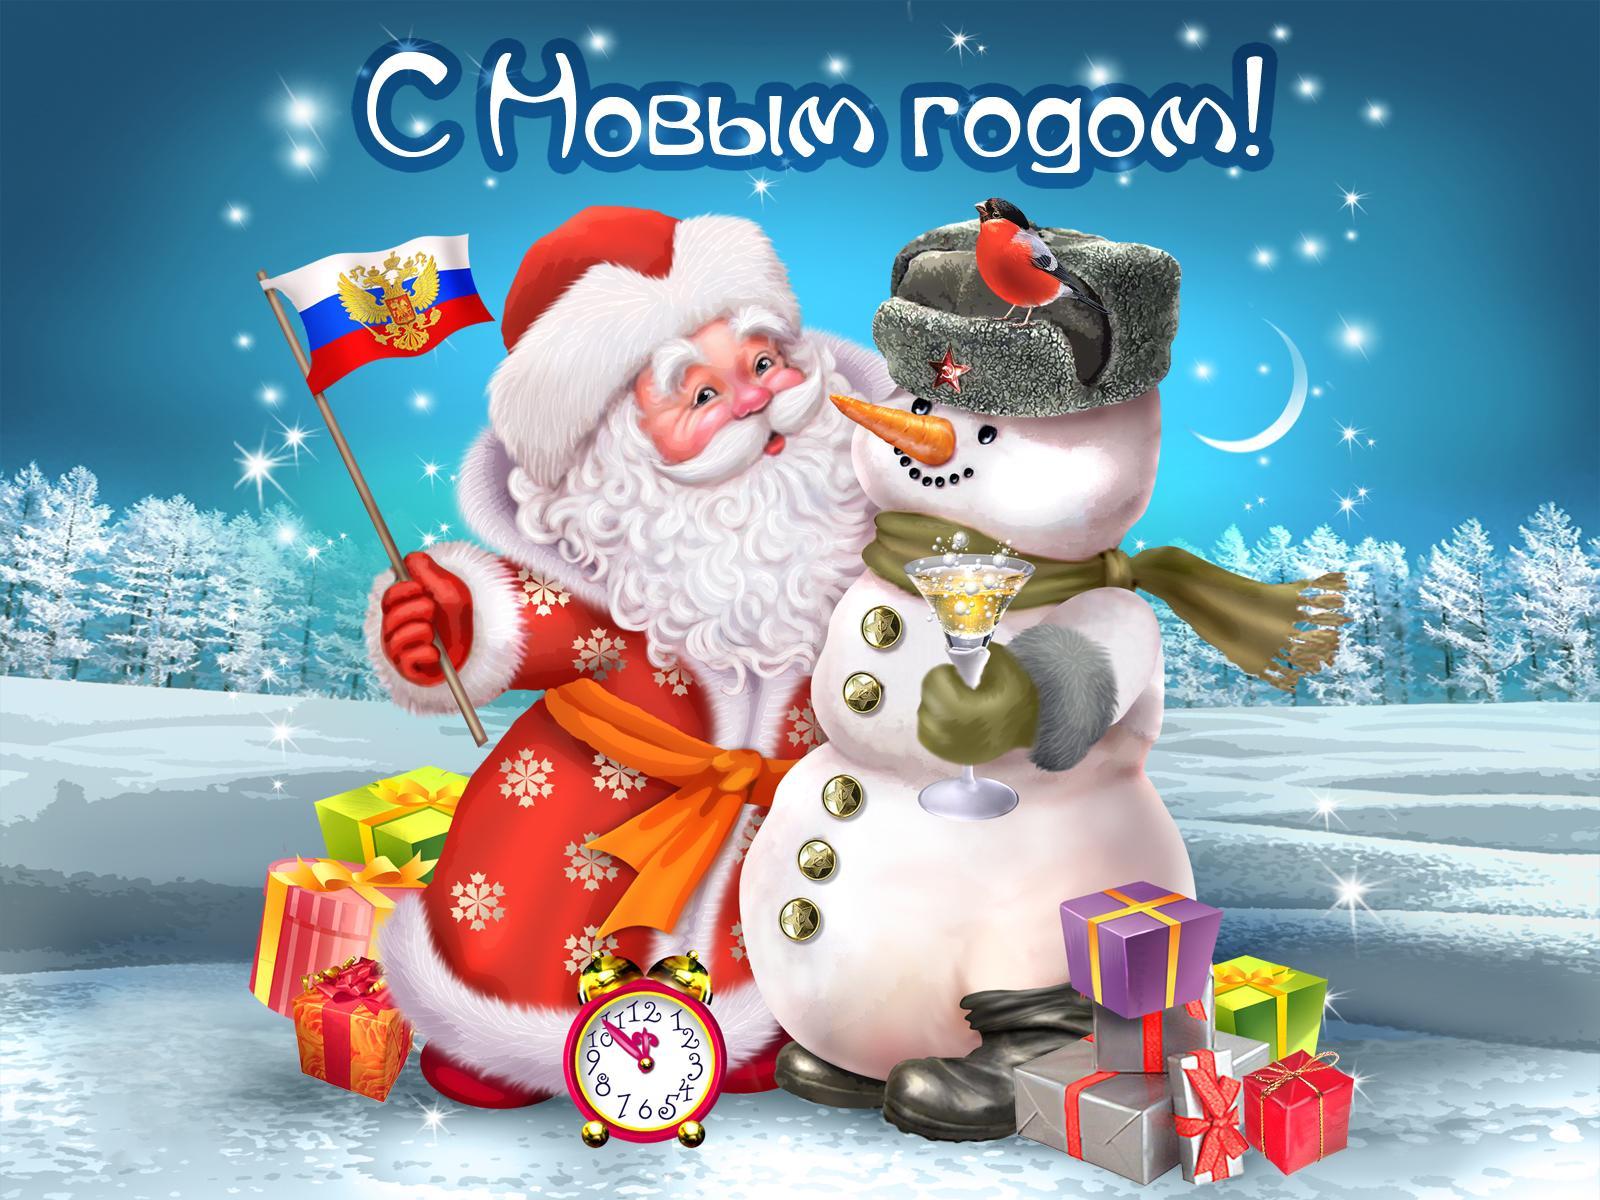 Новый год открытка - C наступающим новым годом 2017 поздравительные картинки